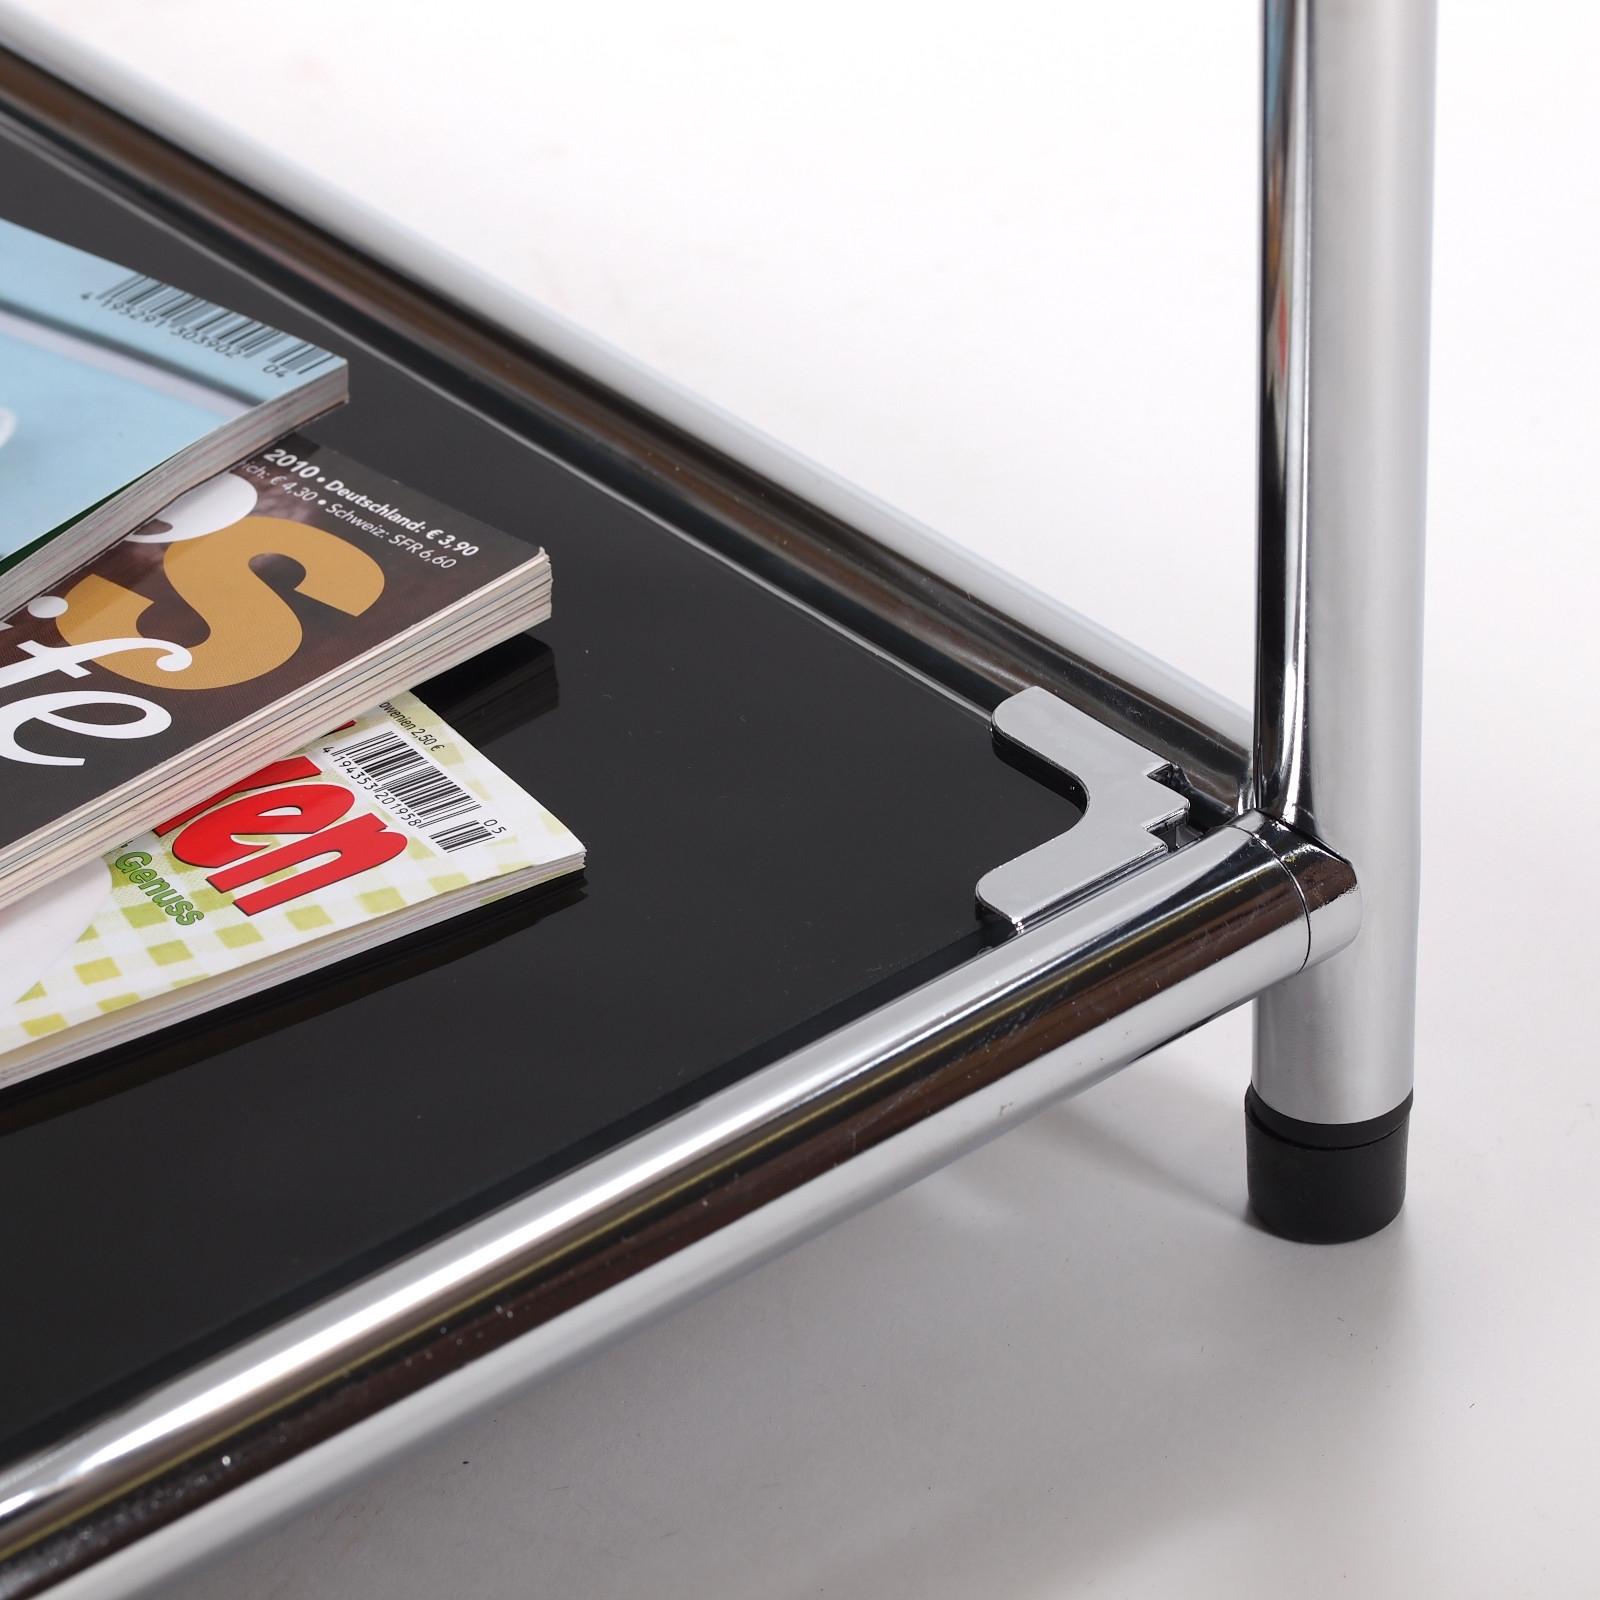 design beistelltisch style 40x40cm glas wohnzimmertisch aktenschrank schwarz eur 79 95. Black Bedroom Furniture Sets. Home Design Ideas